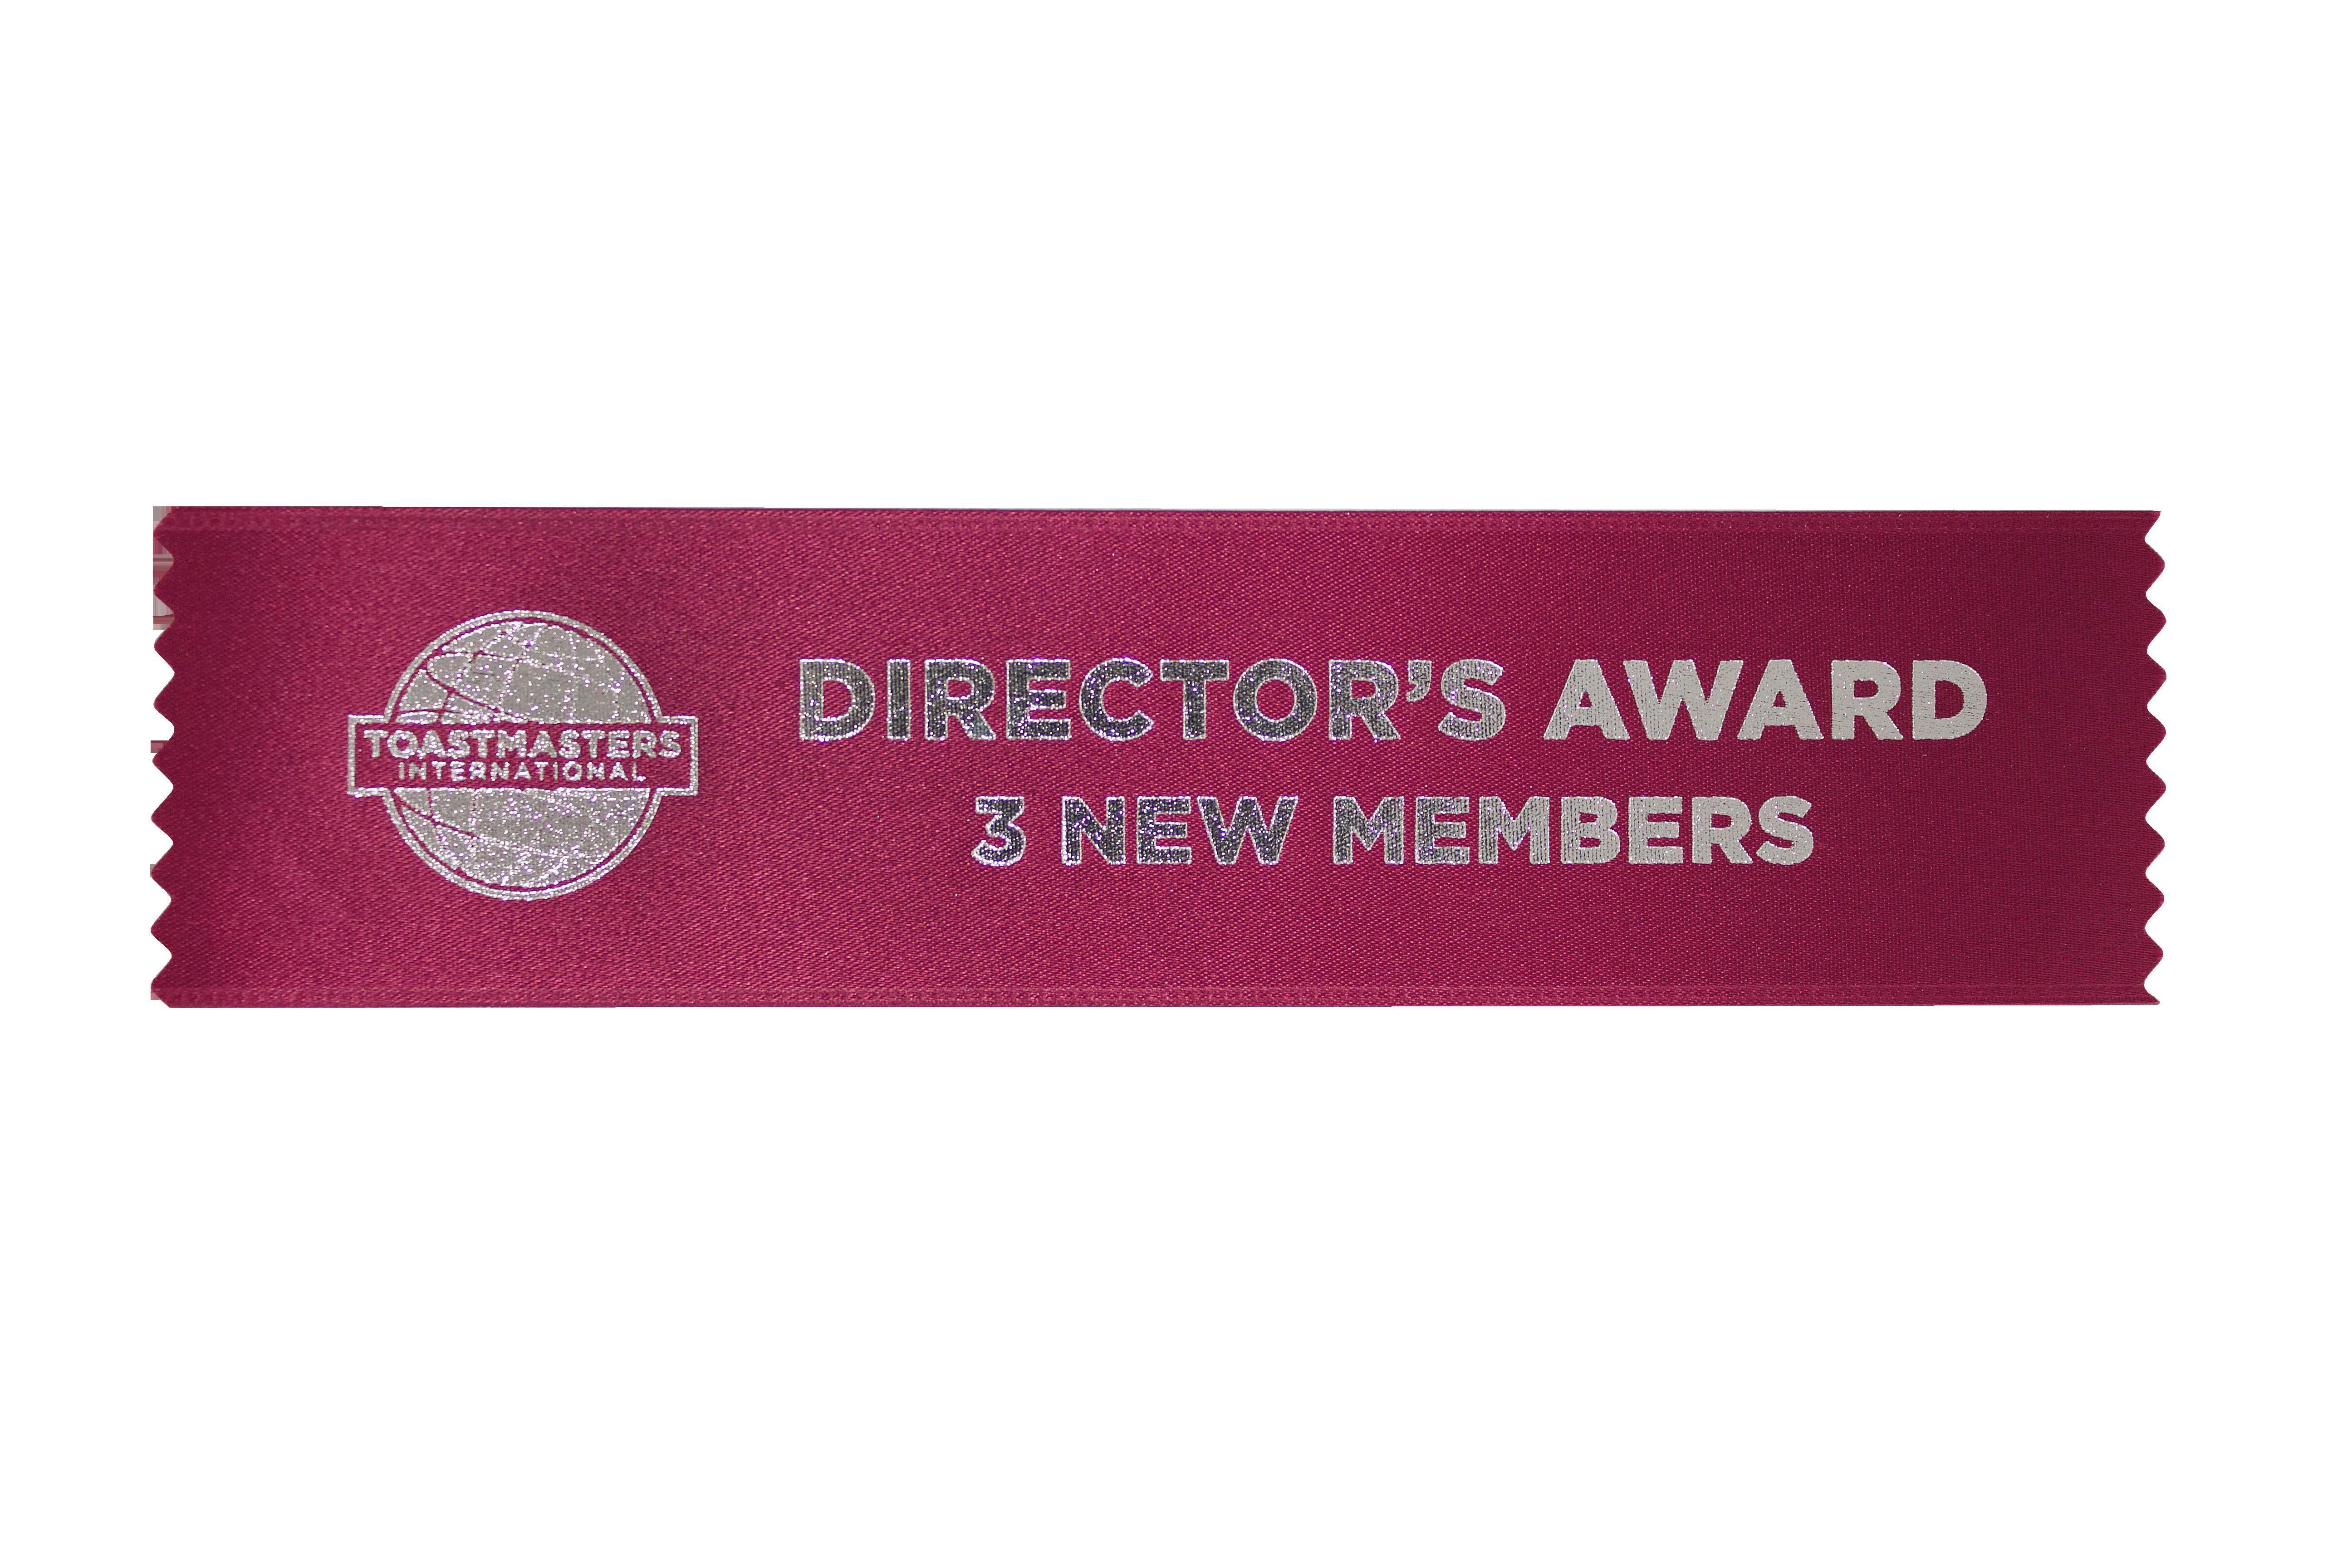 Director's Award 3 New Members (Set of 10)